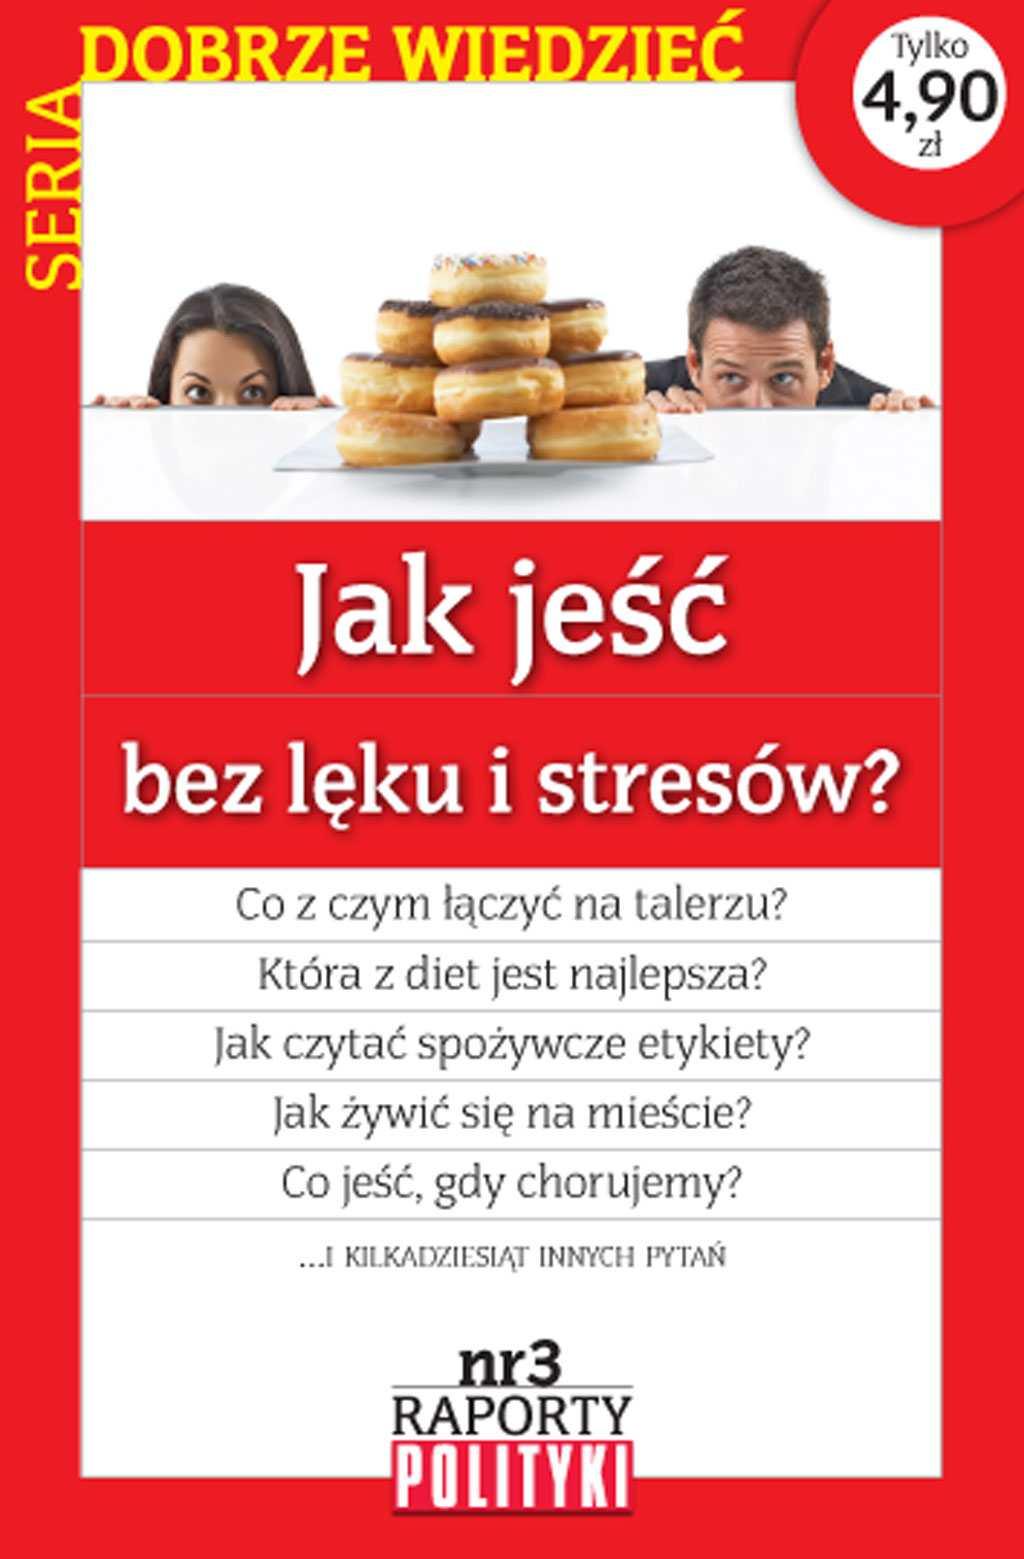 Seria:Dobrze wiedzieć. Raport Polityki nr 3 : Jak jeść bez lęku i stresu? - Ebook (Książka PDF) do pobrania w formacie PDF